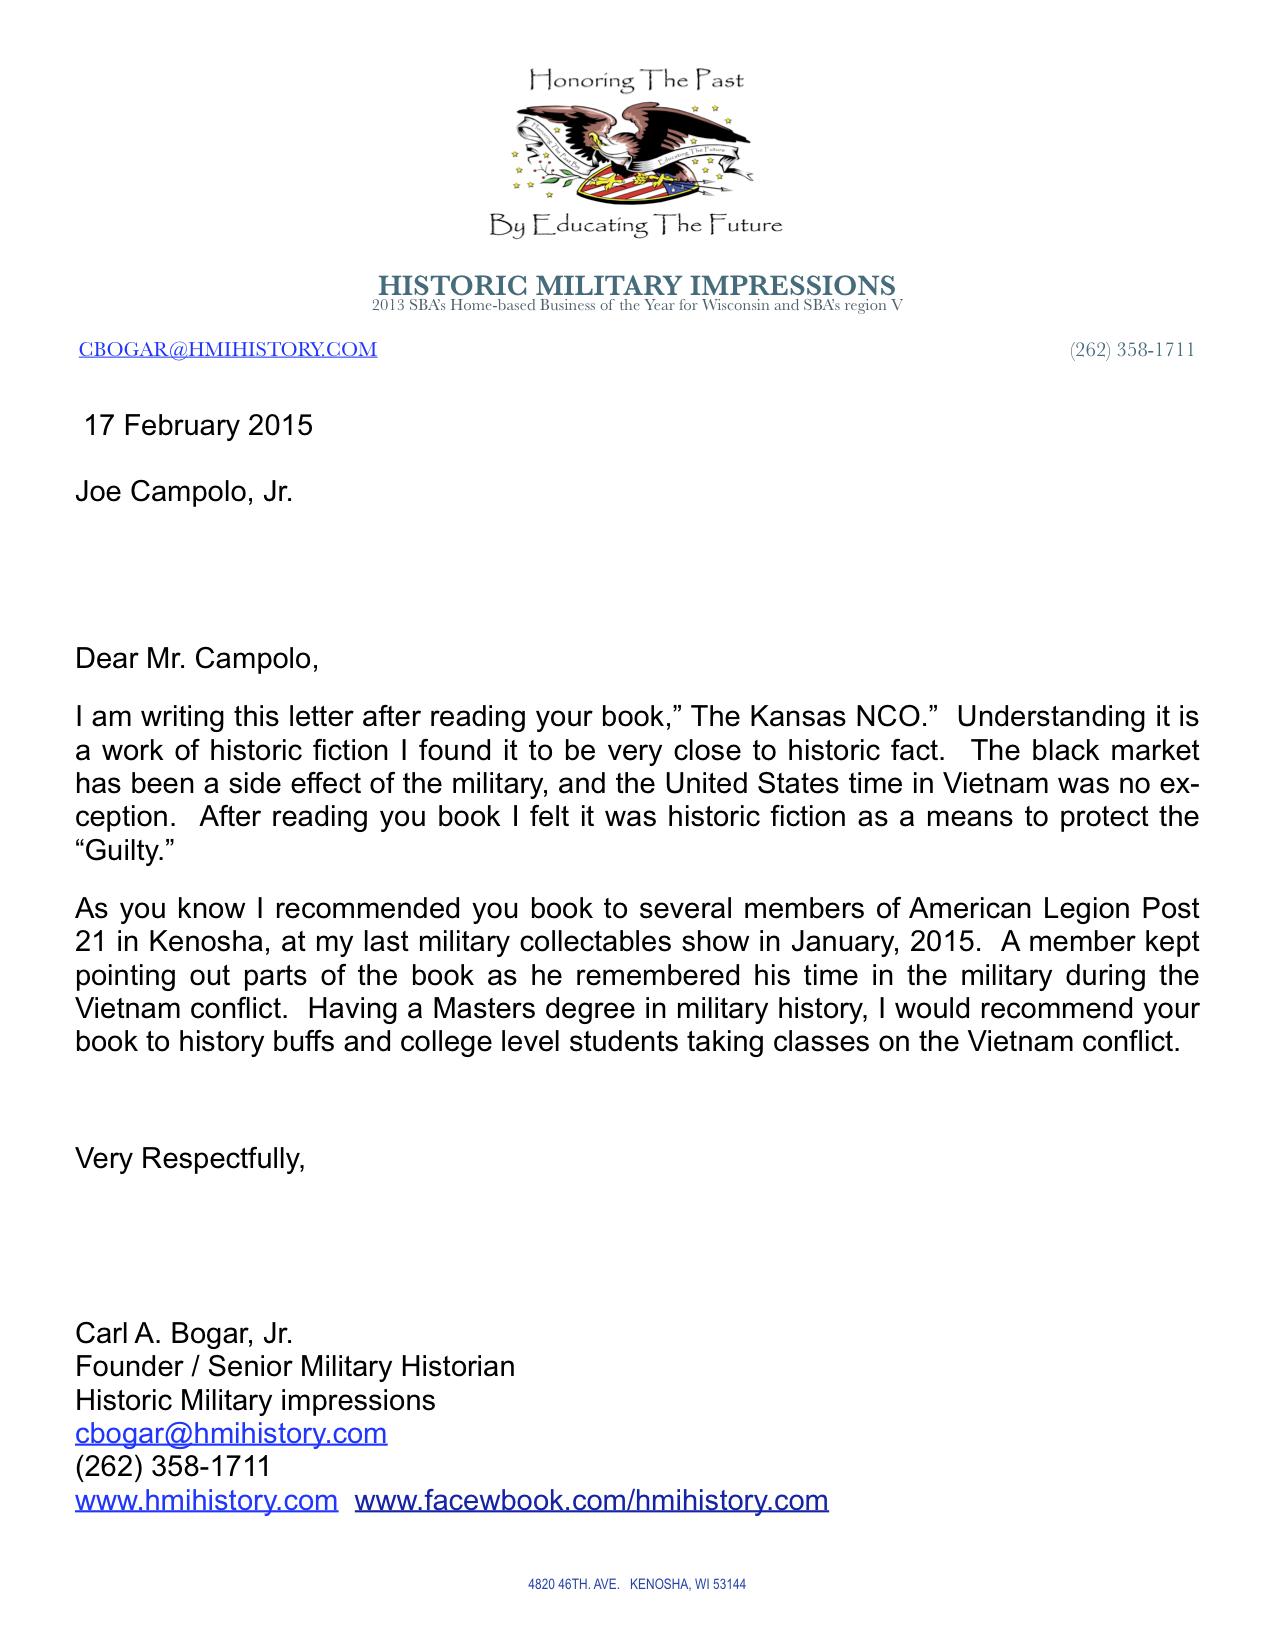 Joe Campolo Letter